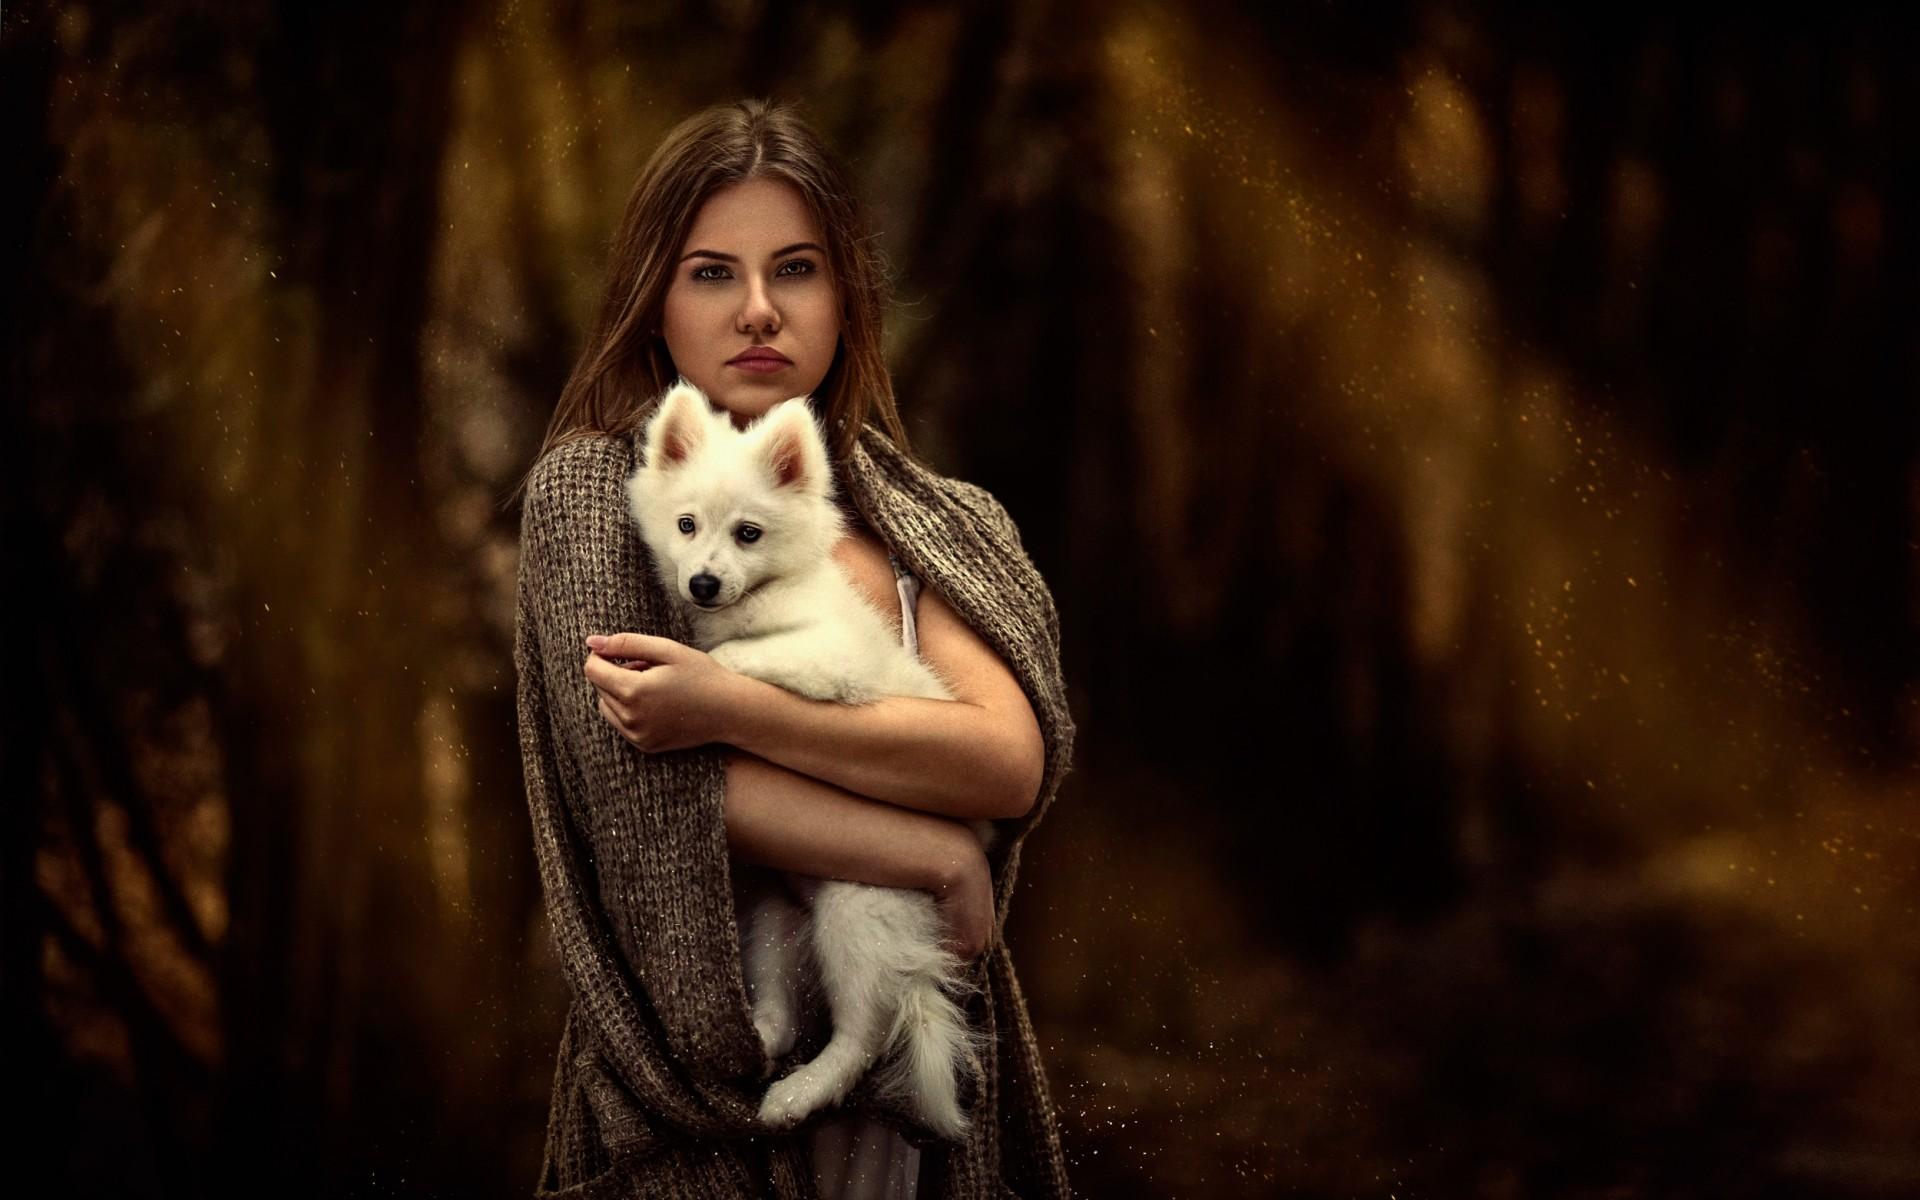 والپیپر دختر زیبا با توله سگ سفید